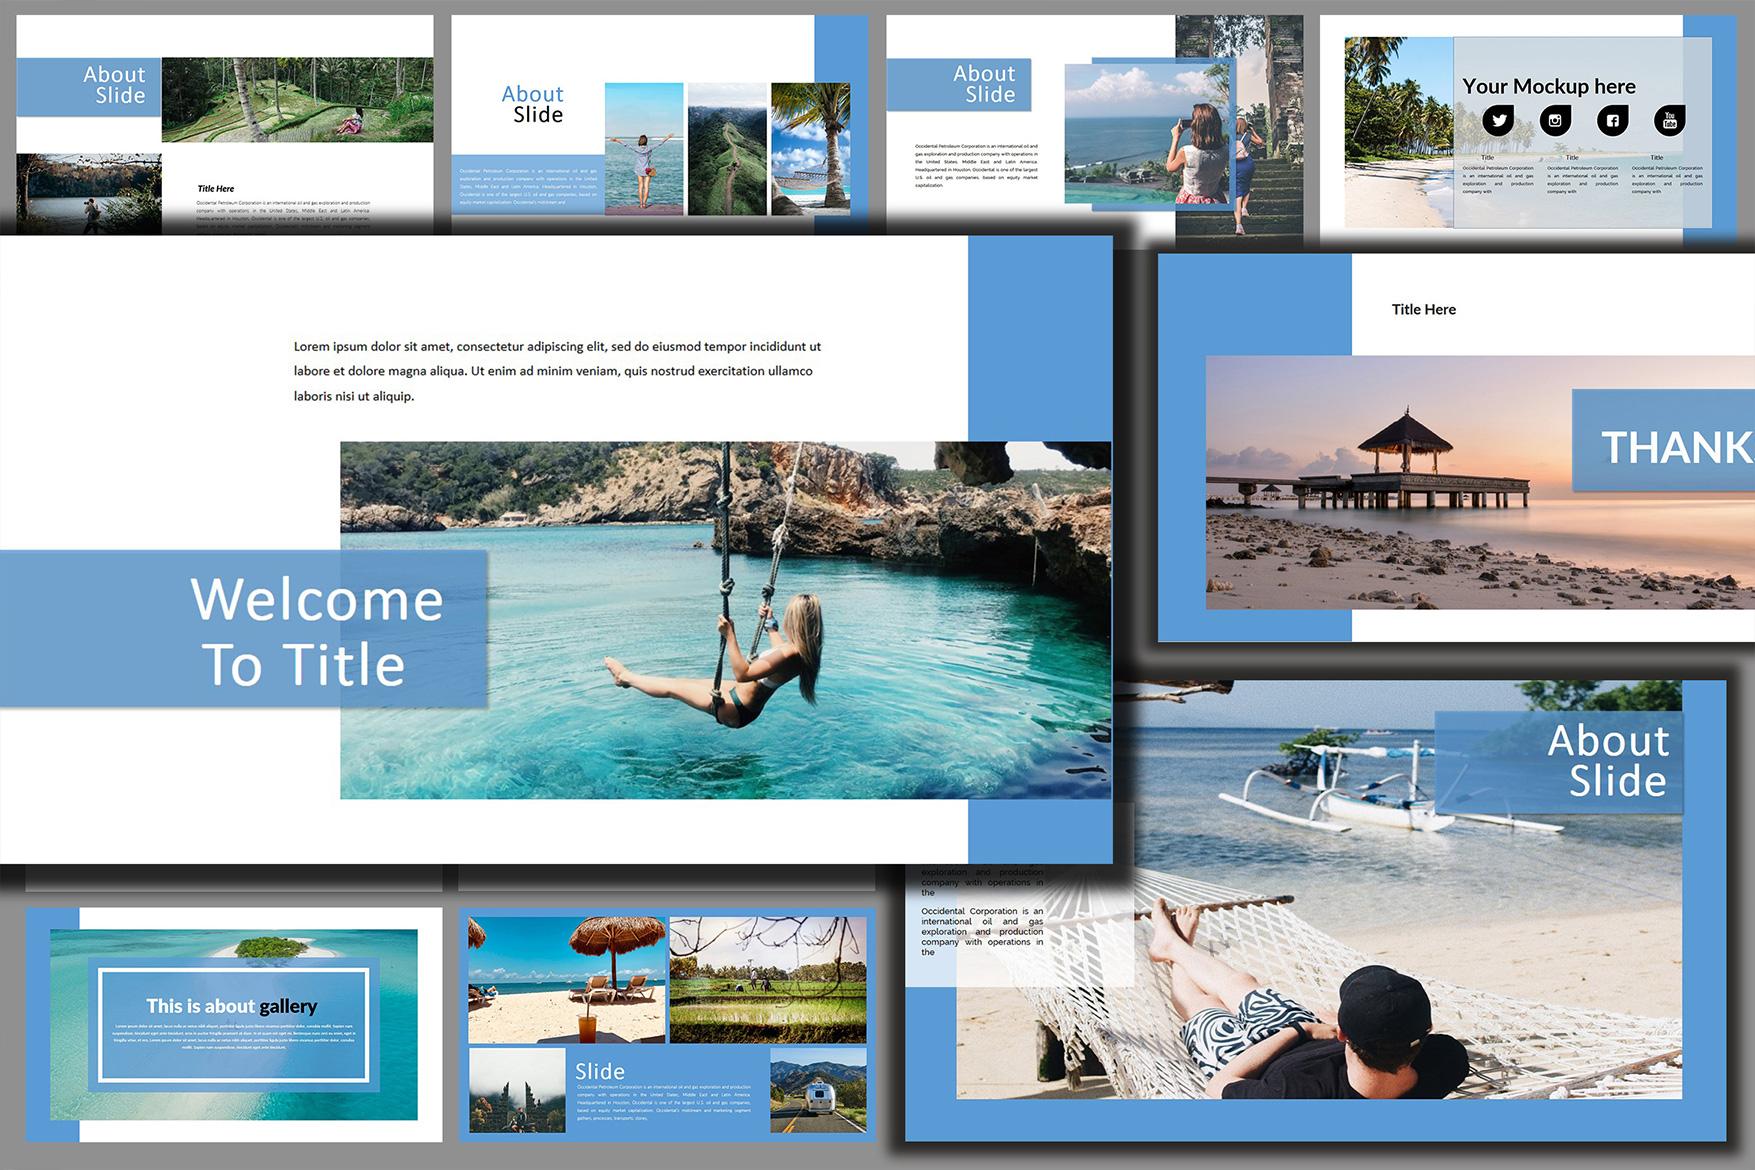 Holiday - Google Slides Presentation example image 7